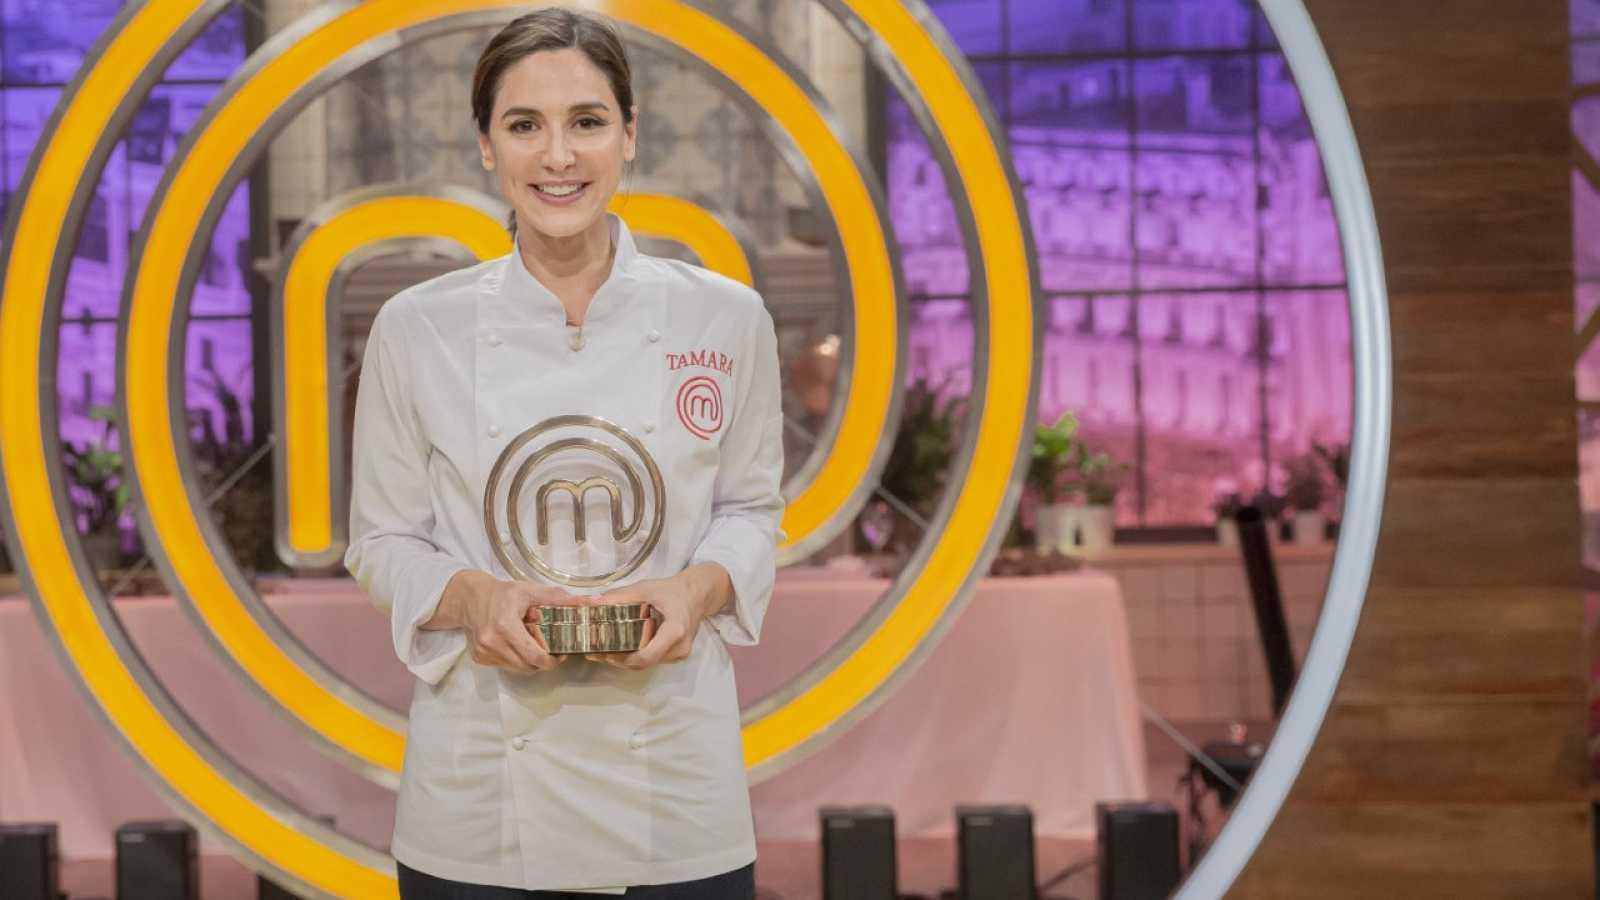 Masterchef Celebrity 4 Tamara Falco Alcanza La Victoria En Masterchef Celebrity 4